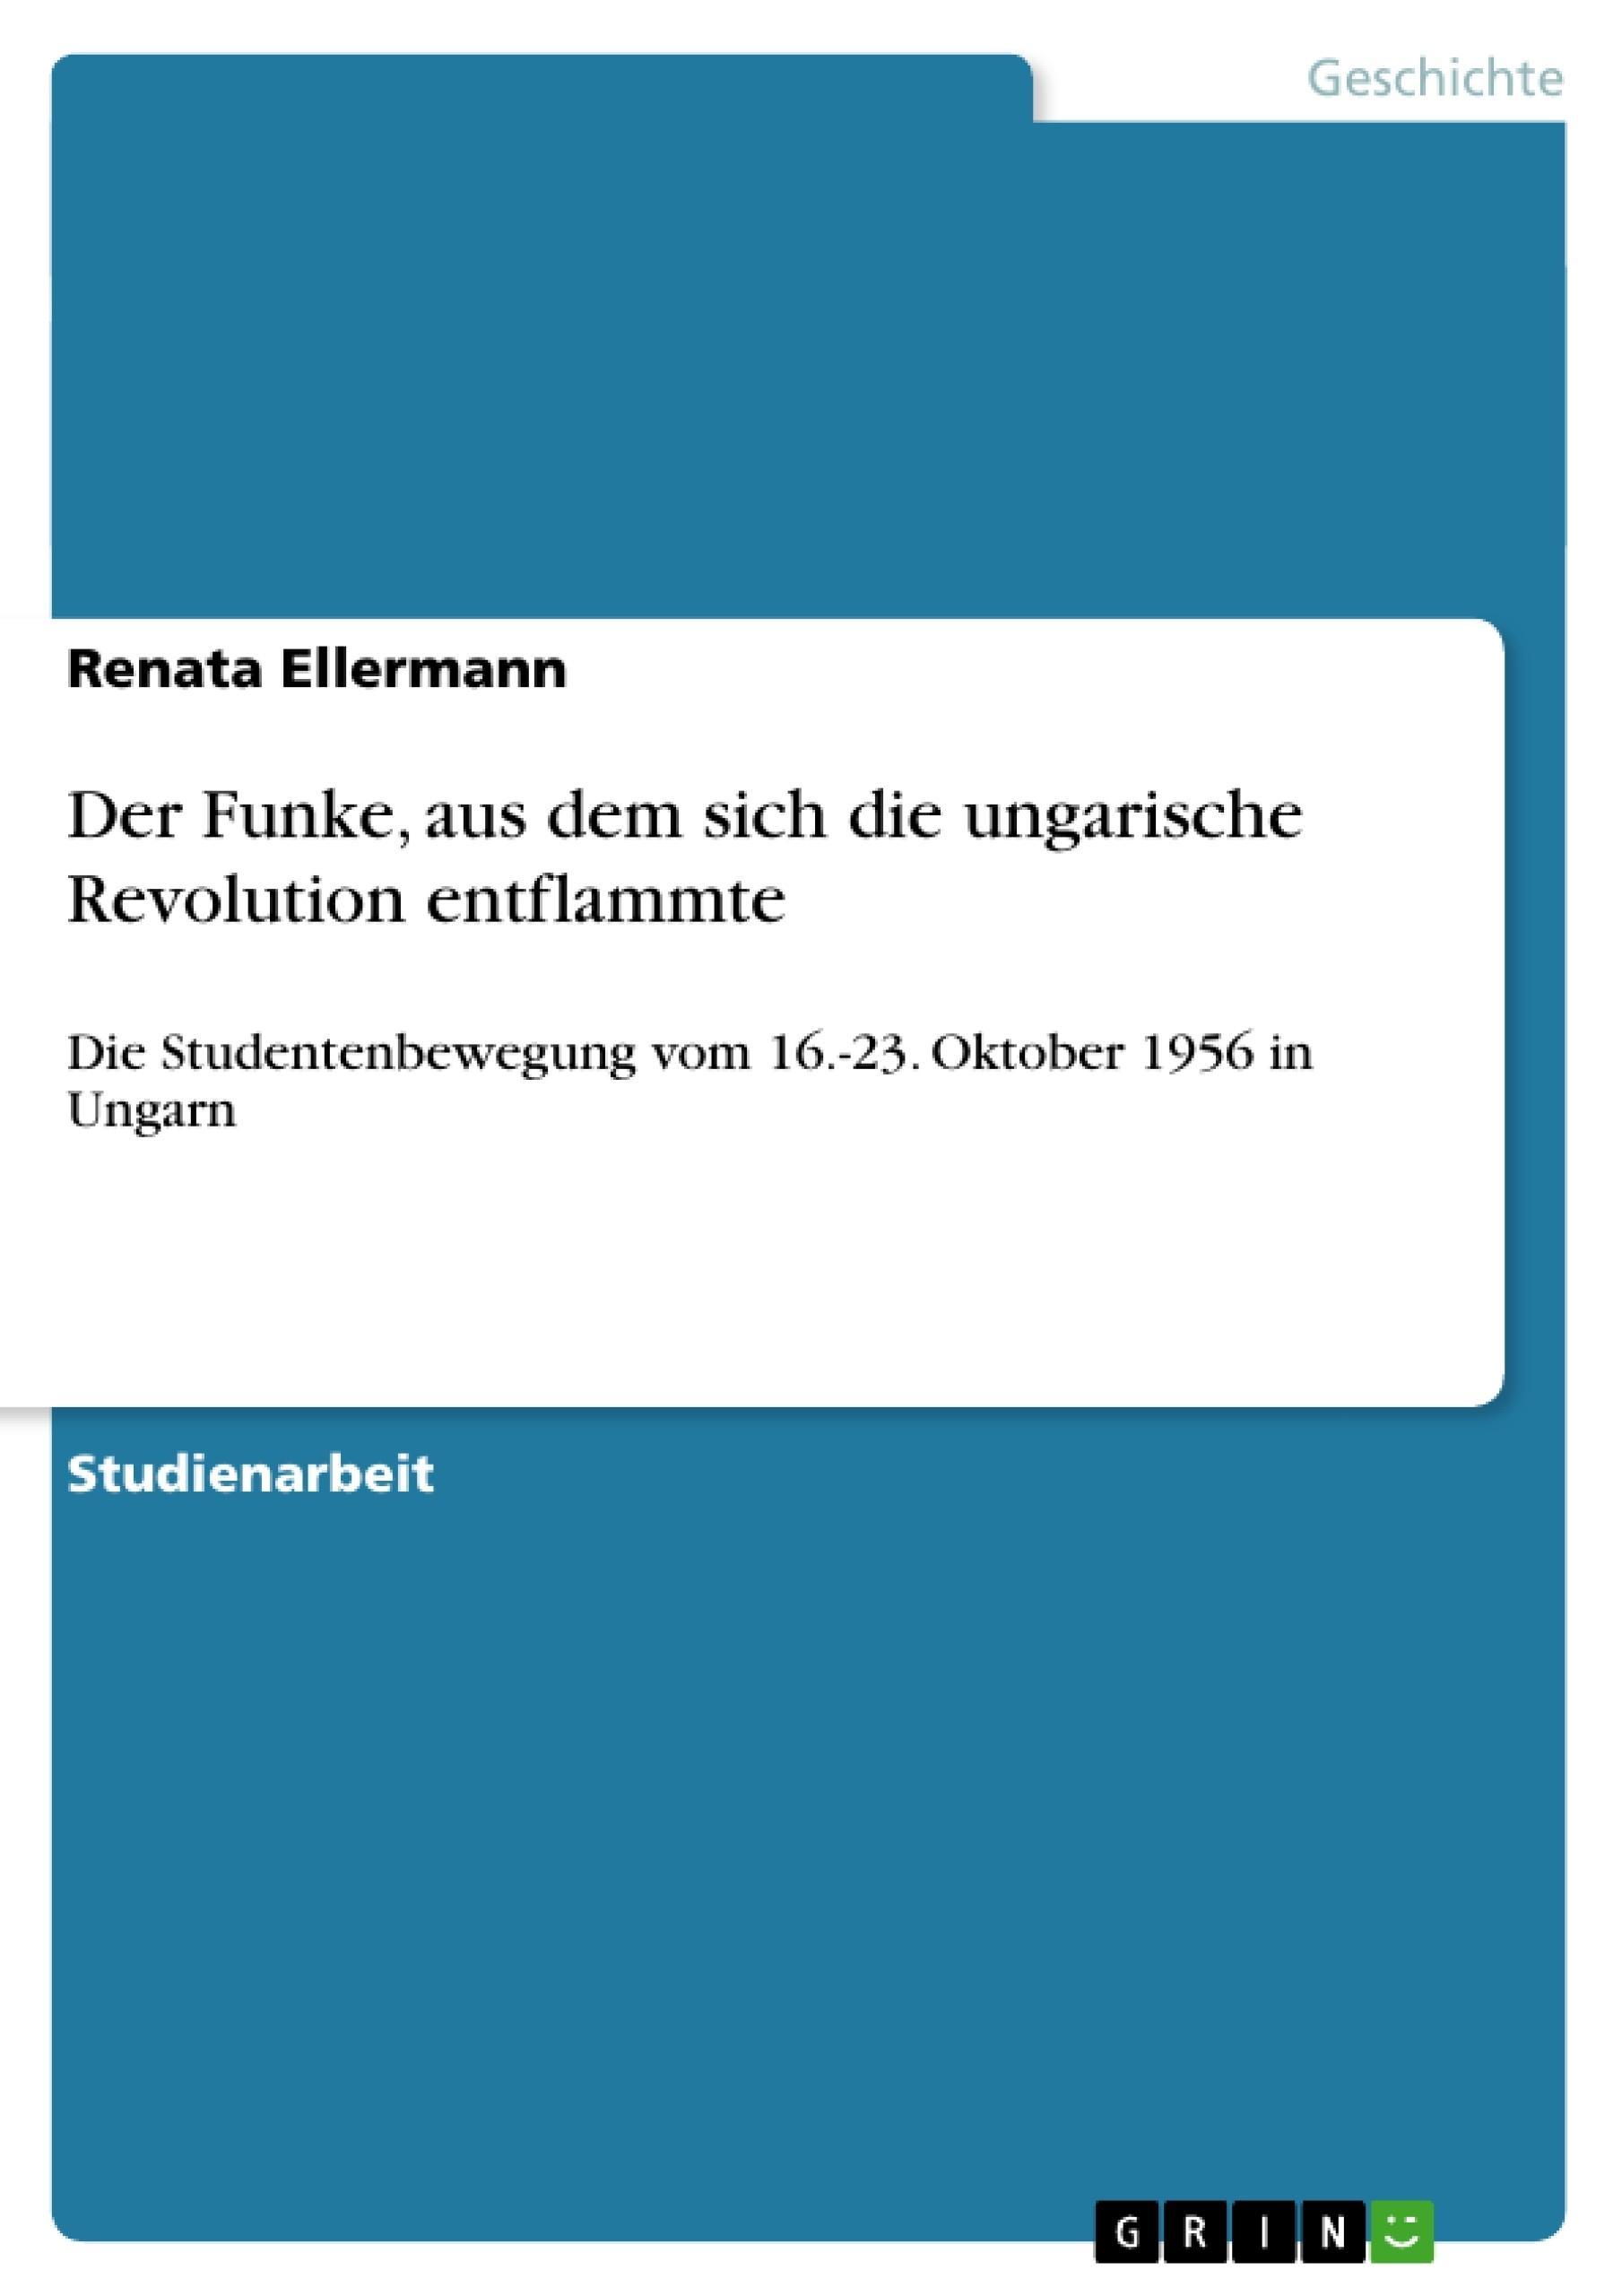 Titel: Der Funke, aus dem sich die ungarische Revolution entflammte